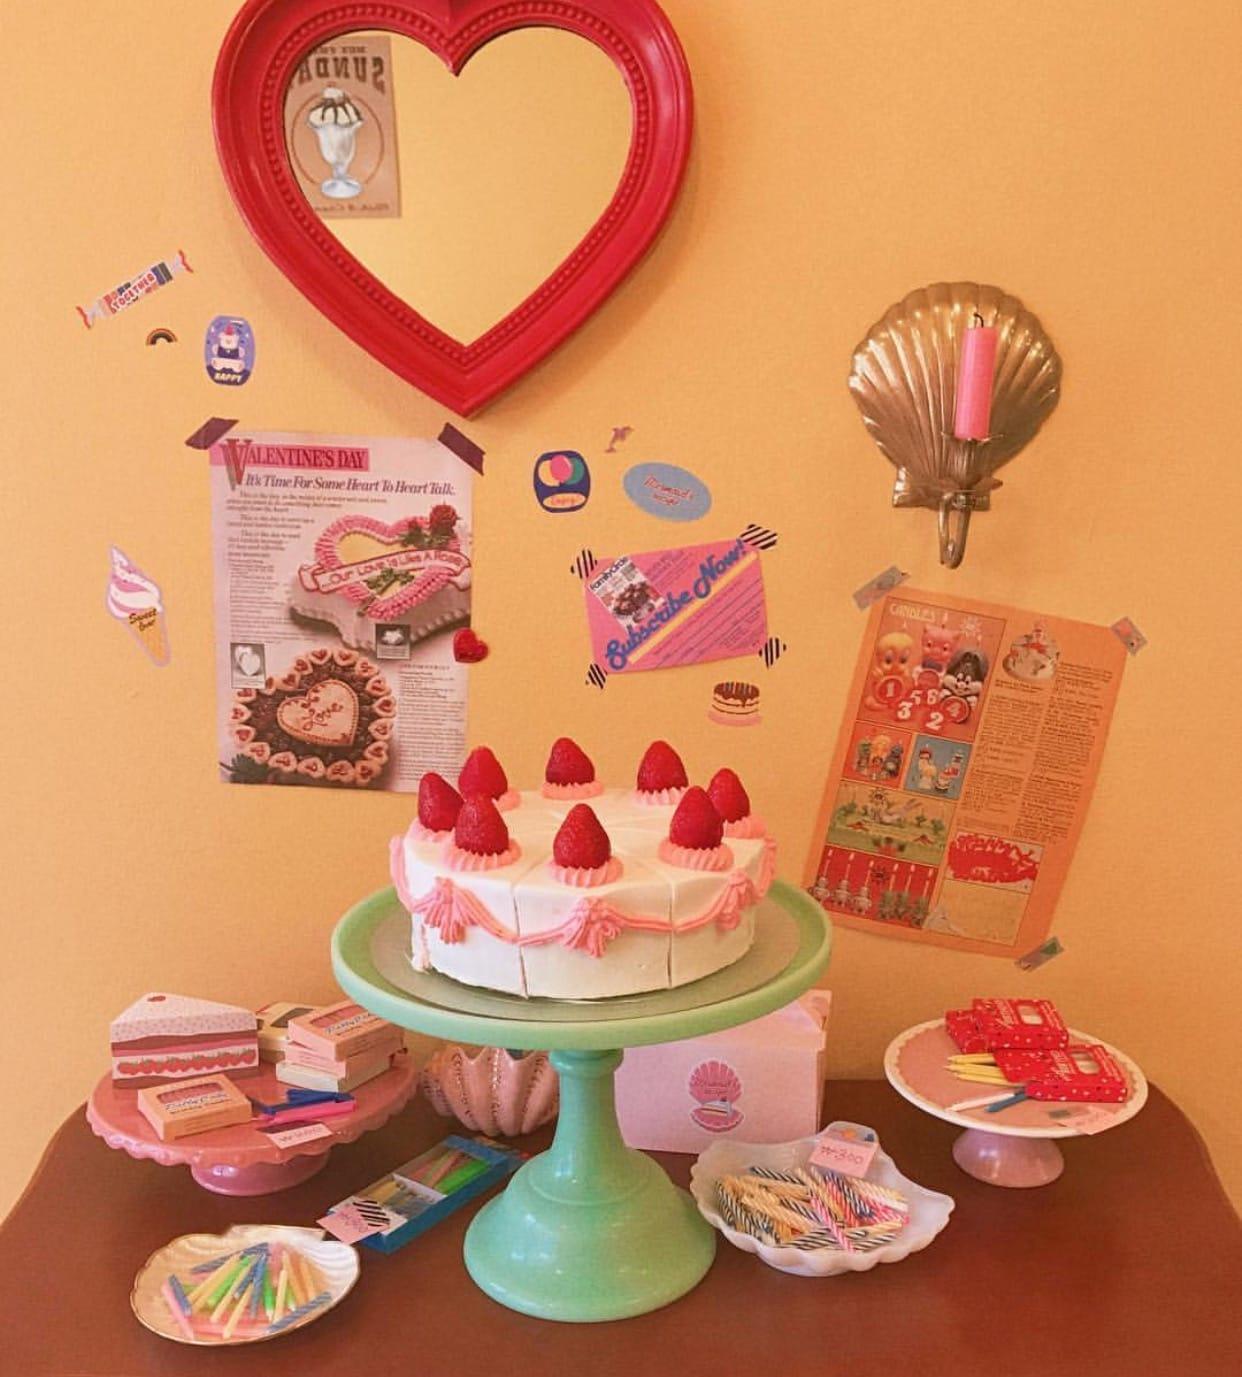 내부는 귀여운 소품과, 케이크로 장식된 인테리어가 인형의 집에 방문한 느낌을 준다. 이곳에서는 호불호가 갈리는 버터크림을 쓰지 않고 오직 생크림만을 사용하여 누구나 좋아하는 맛의 케이크를 맛볼 수 있다.